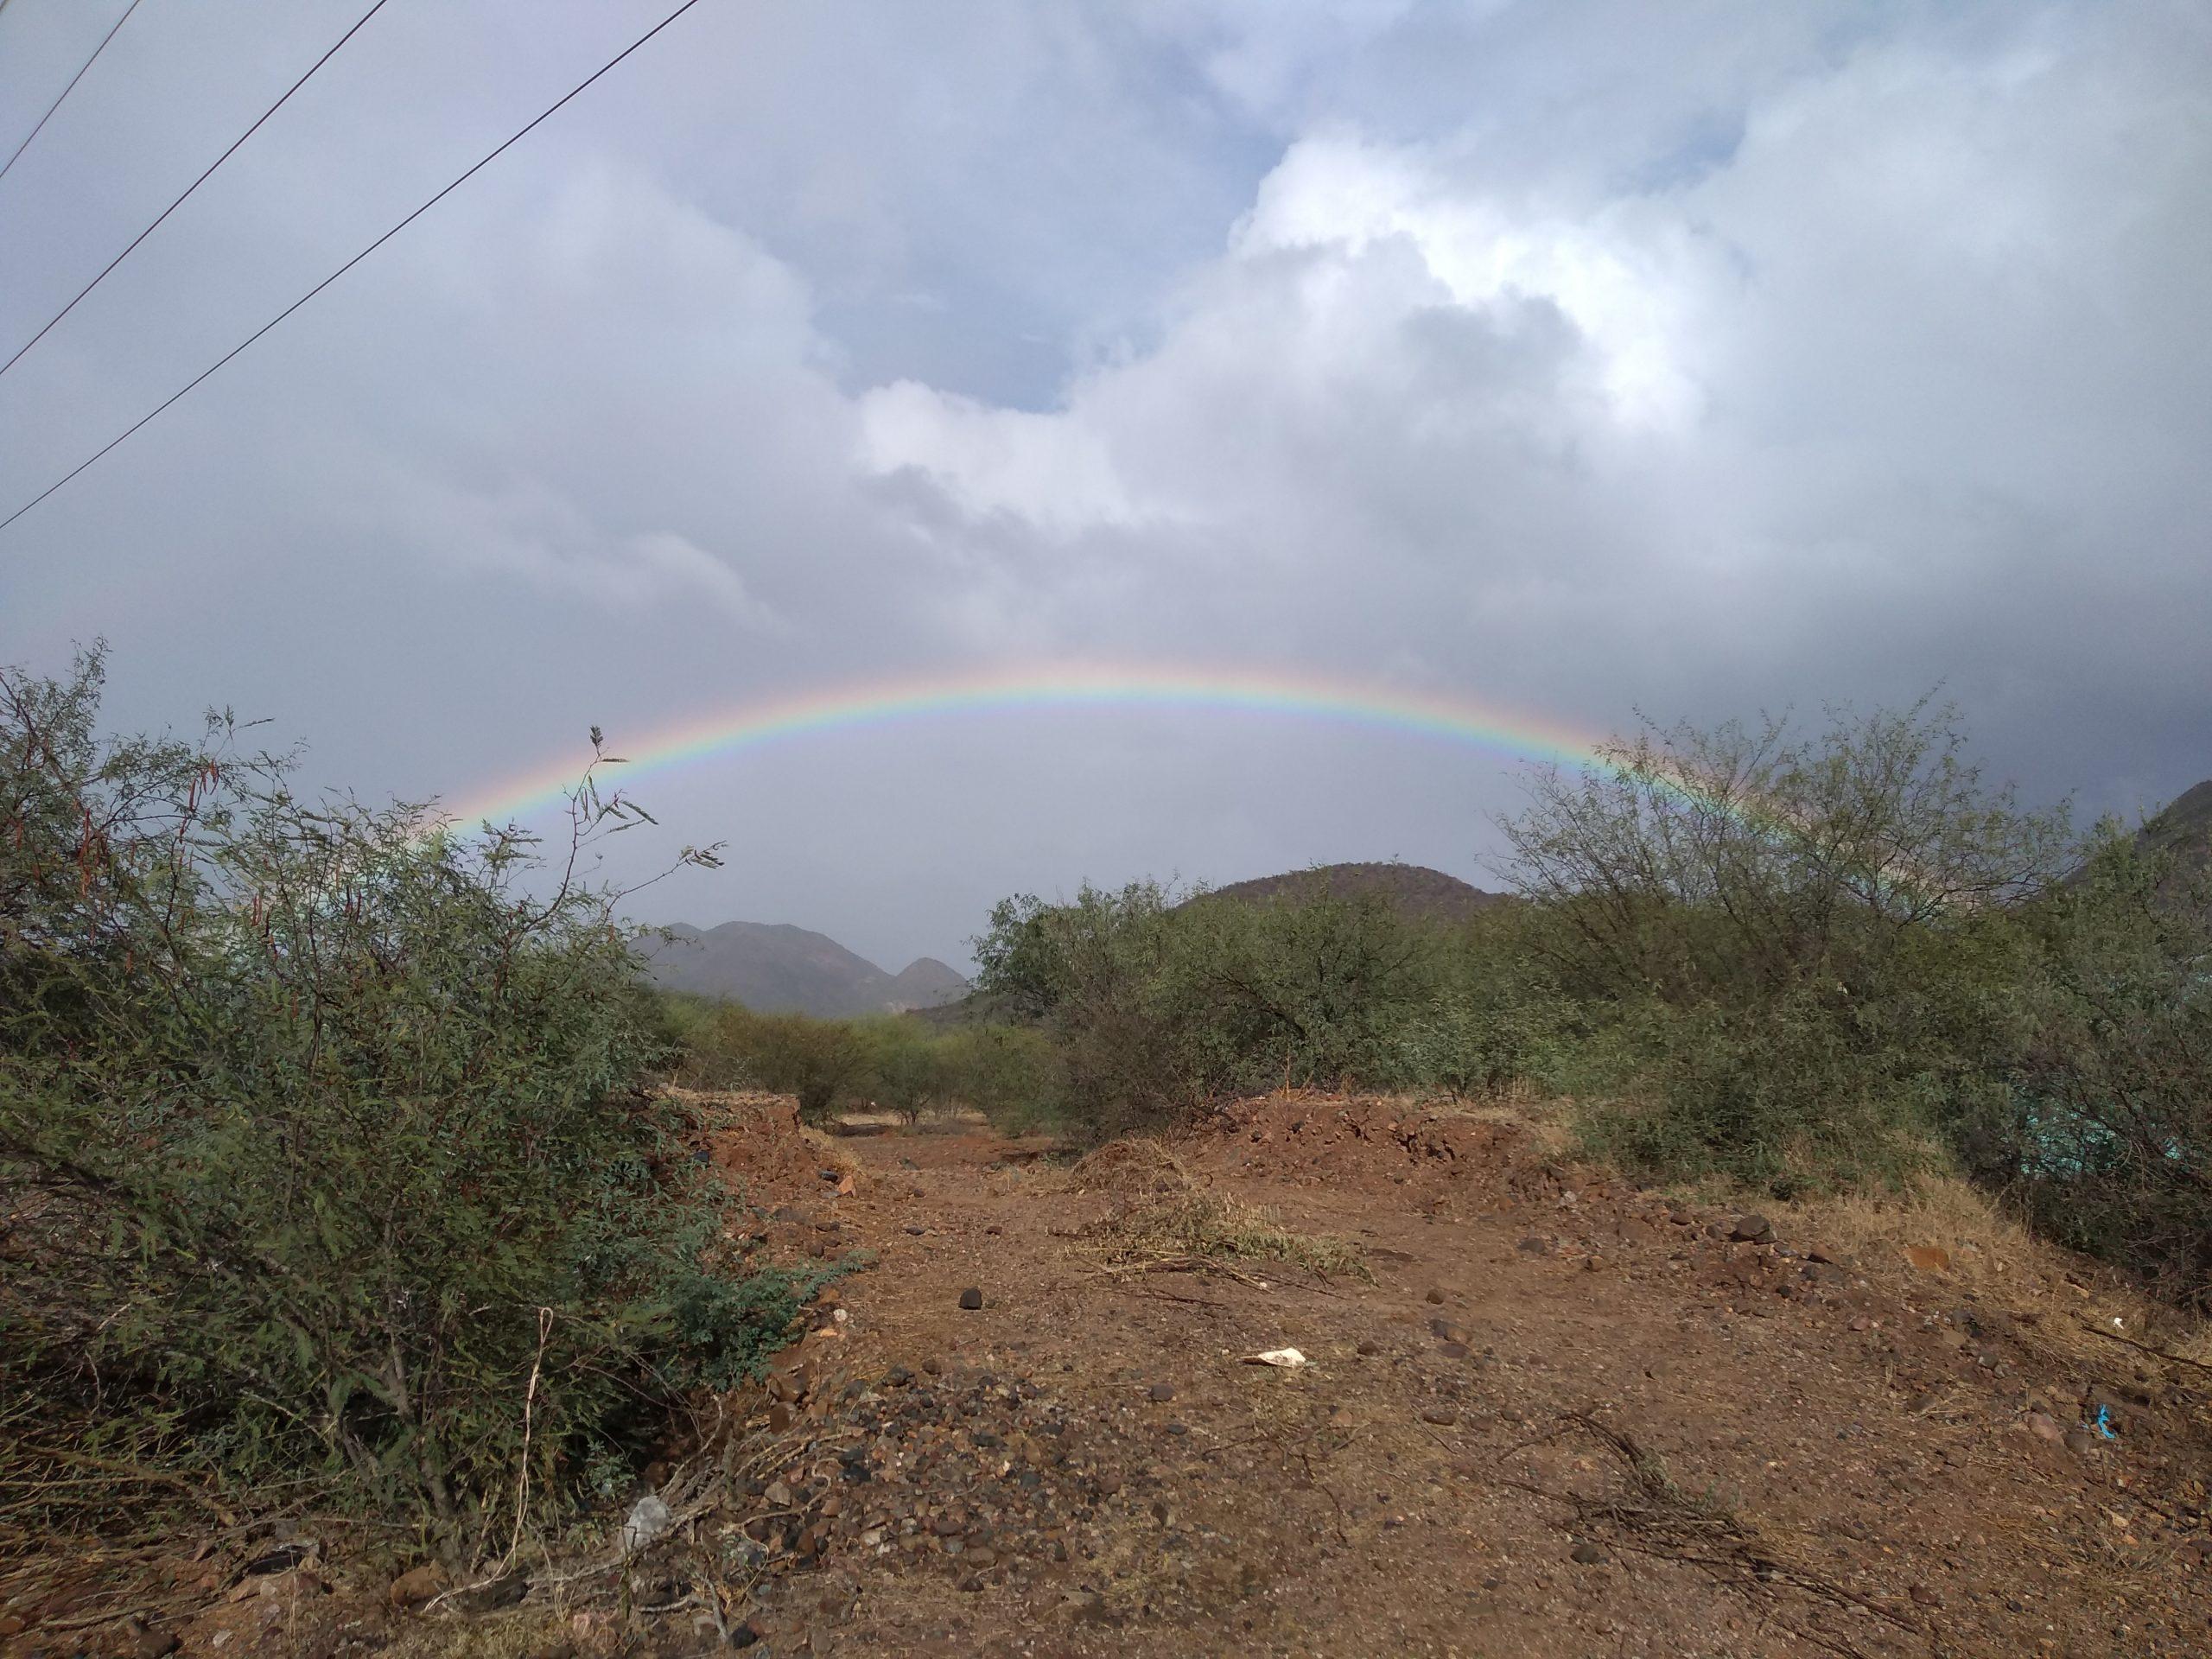 Rainbow over Pilar area (2019-11-19)